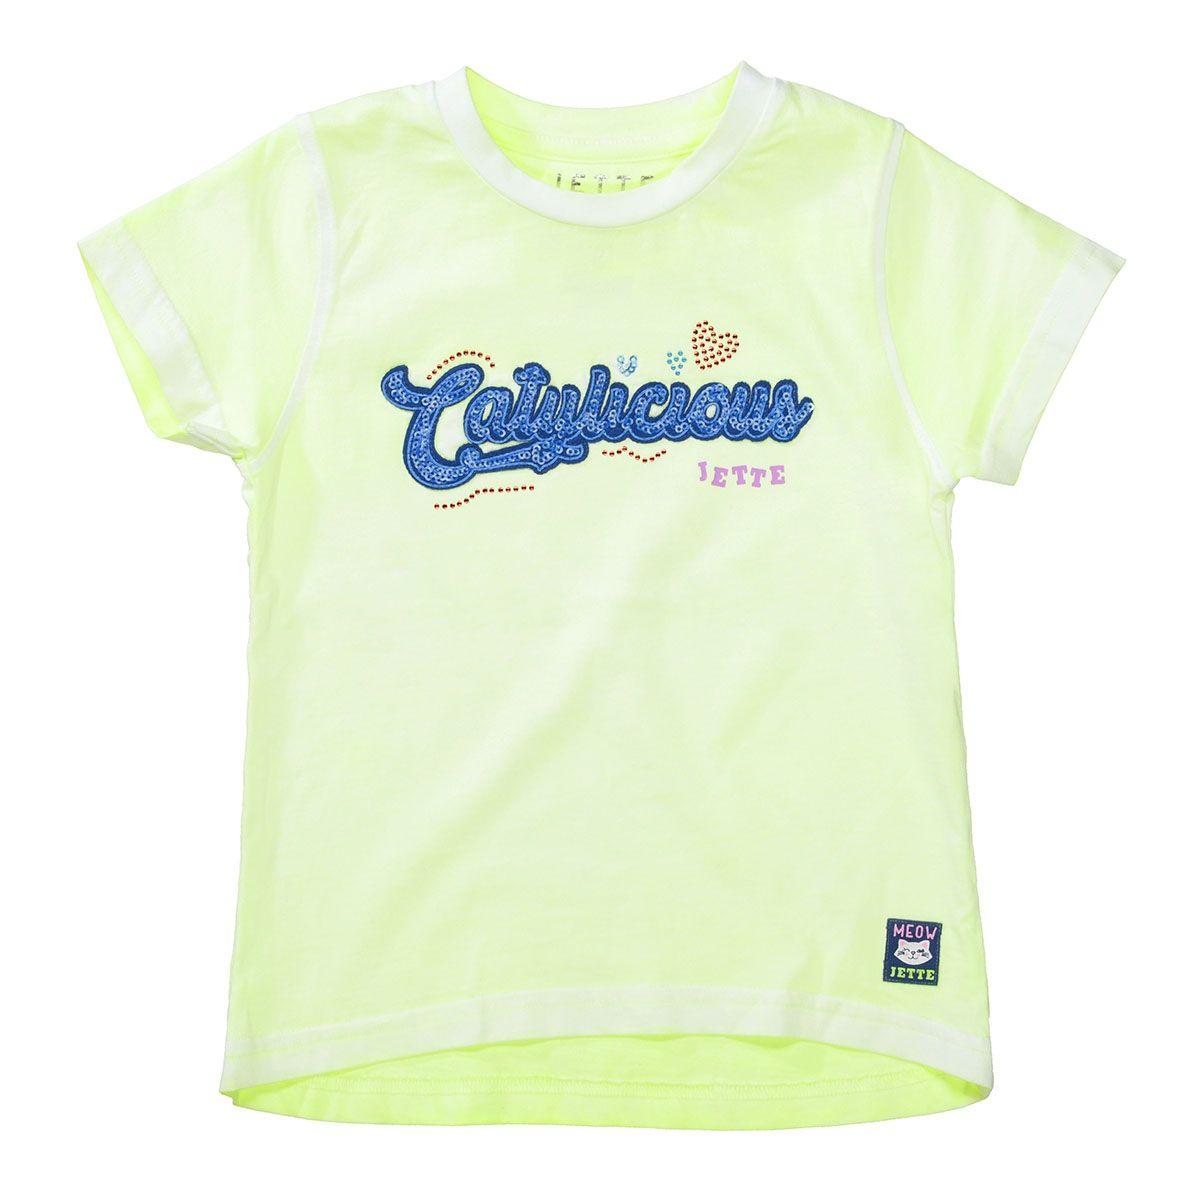 JETTE T-Shirt - Neon Yellow